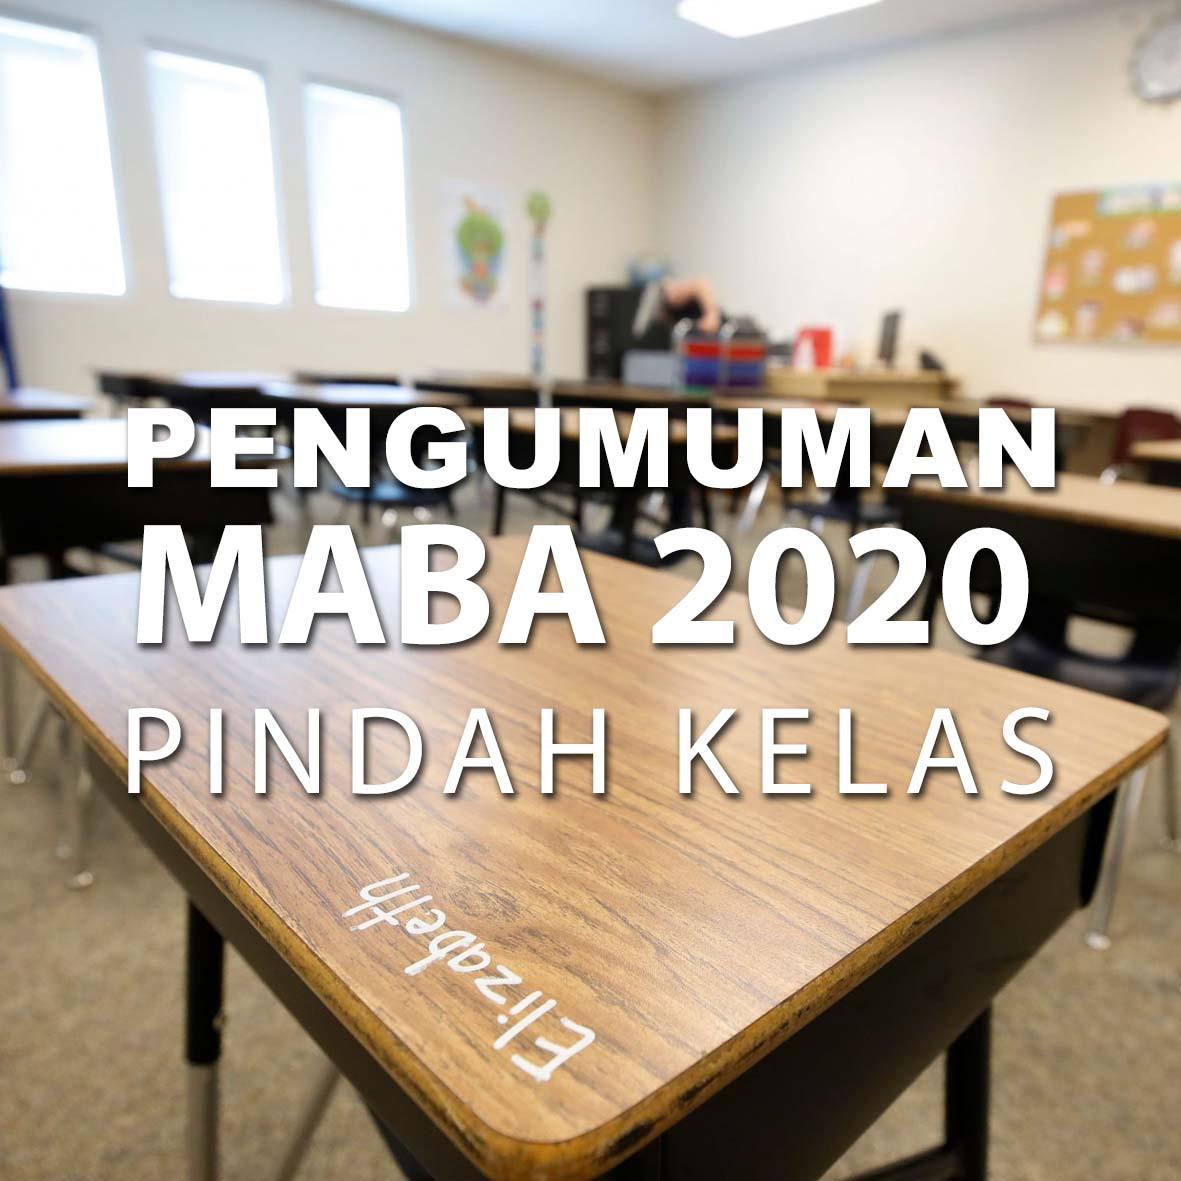 PENGUMUMAN PINDAH KELAS BAGI MAHASISWA BARU 2020